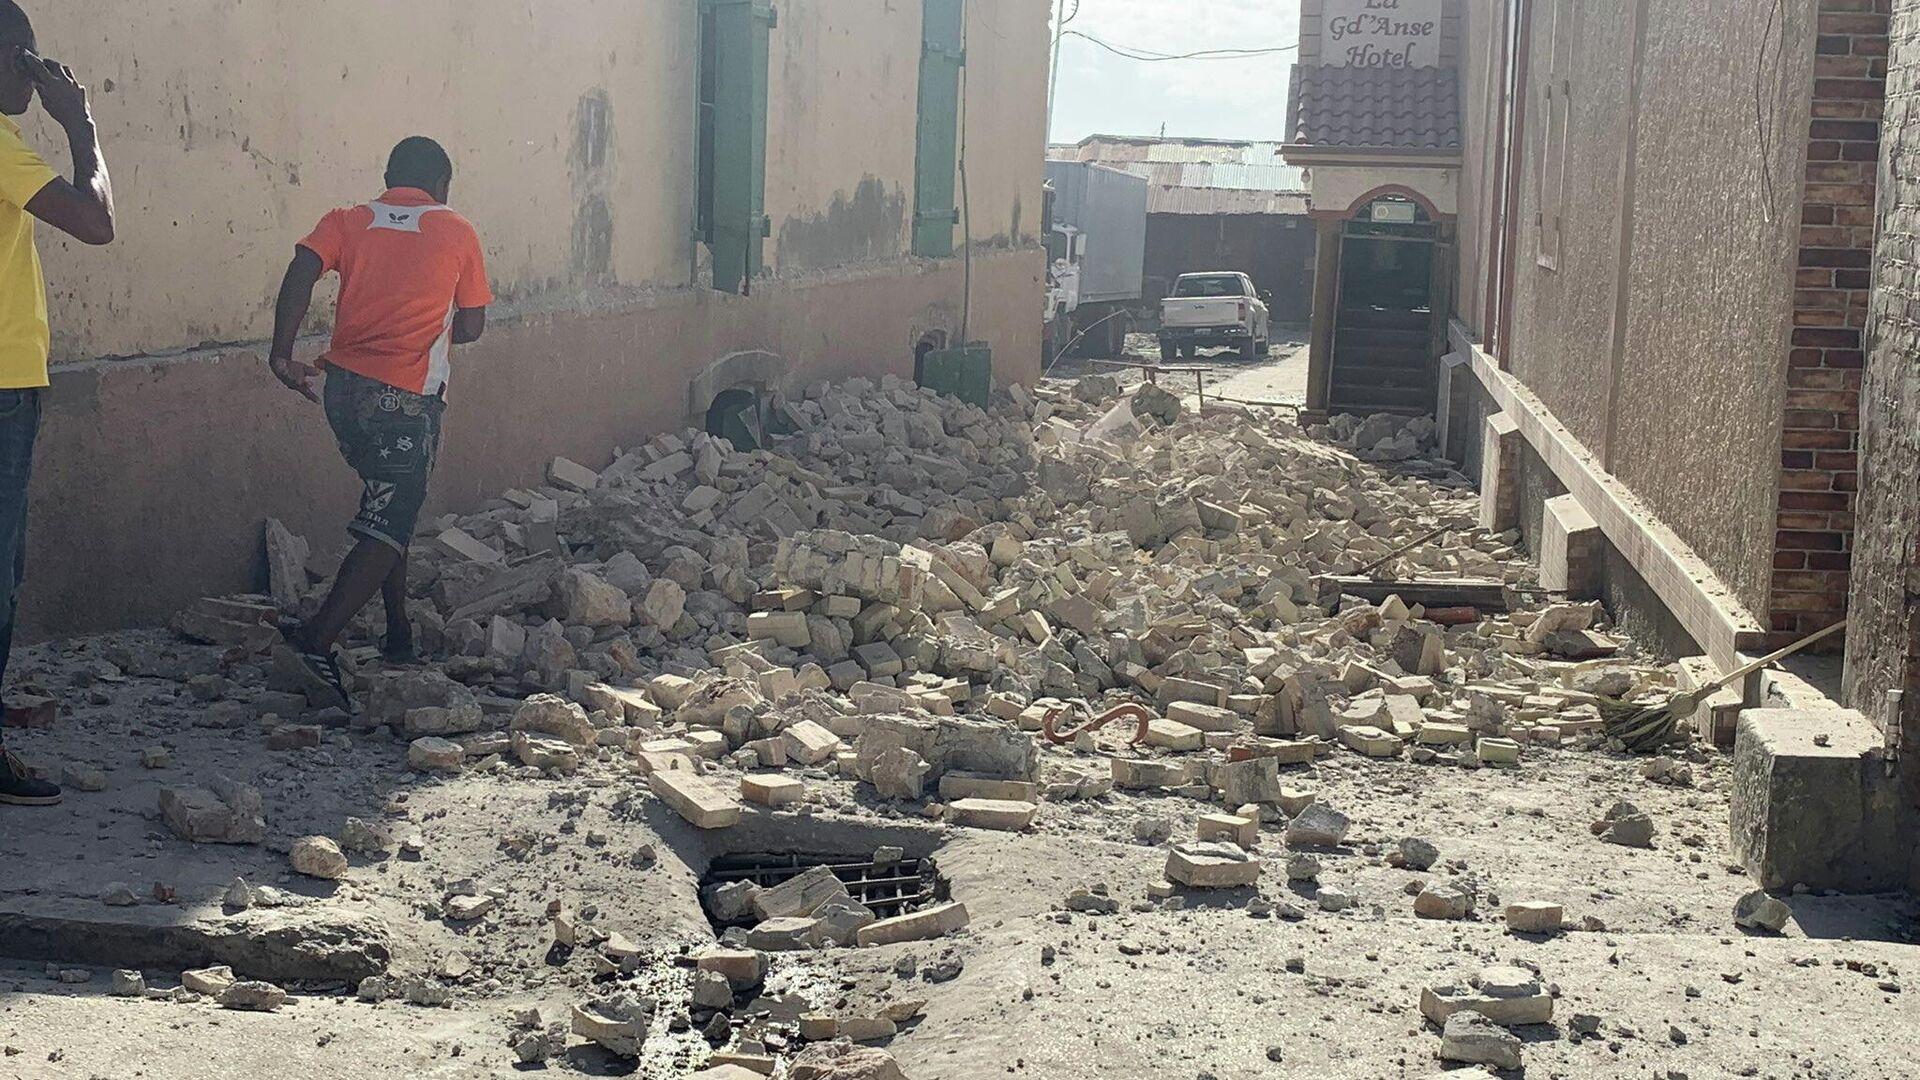 El terremoto en Haití - Sputnik Mundo, 1920, 27.08.2021